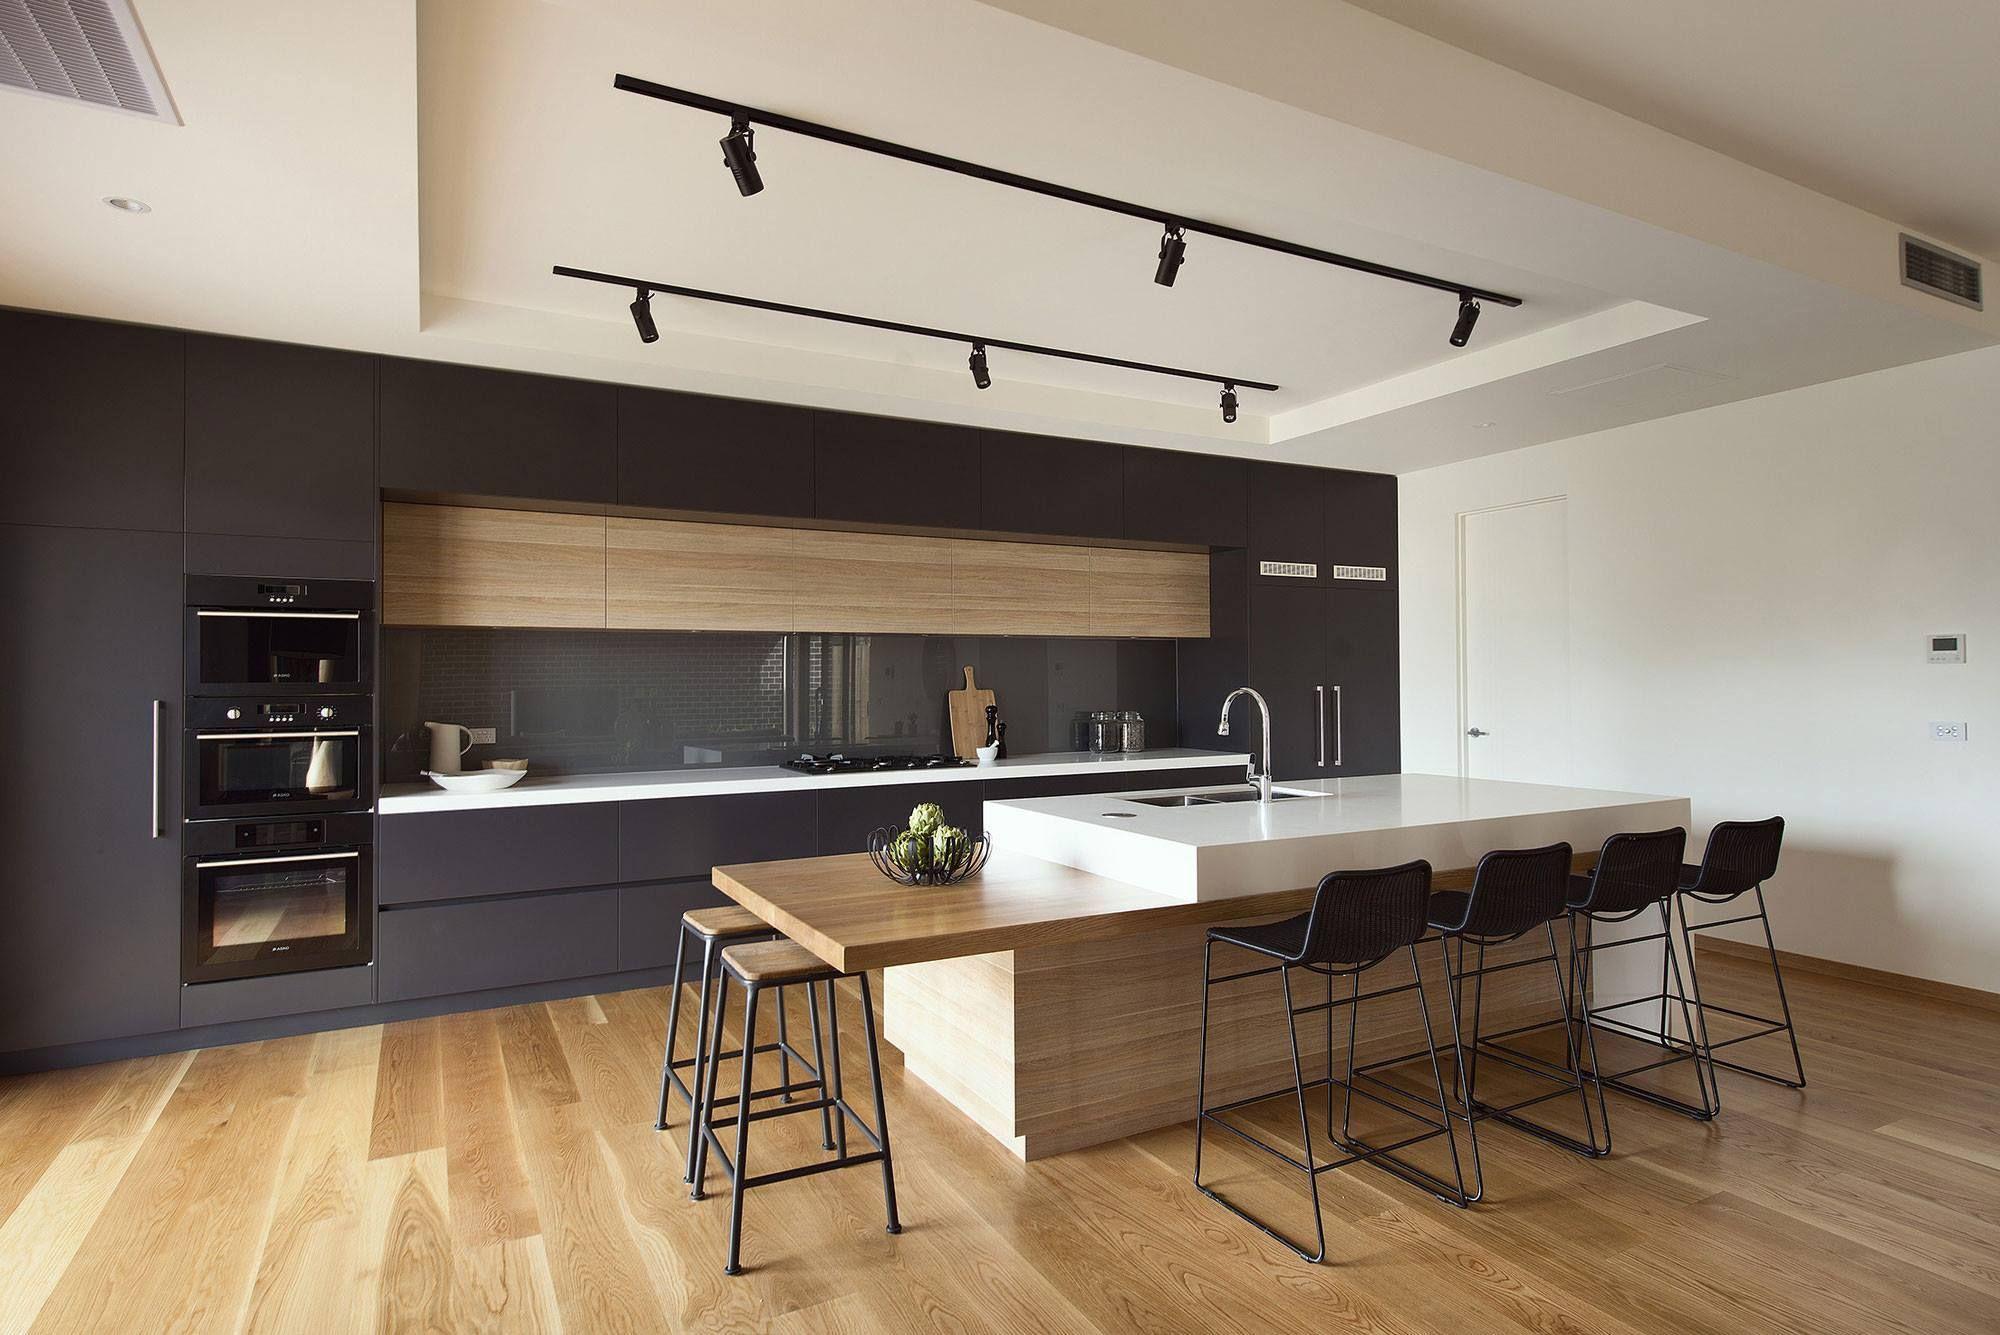 Modernes Küchendesign priorisiert Effizienz und Effektivität #islandkitchenideas